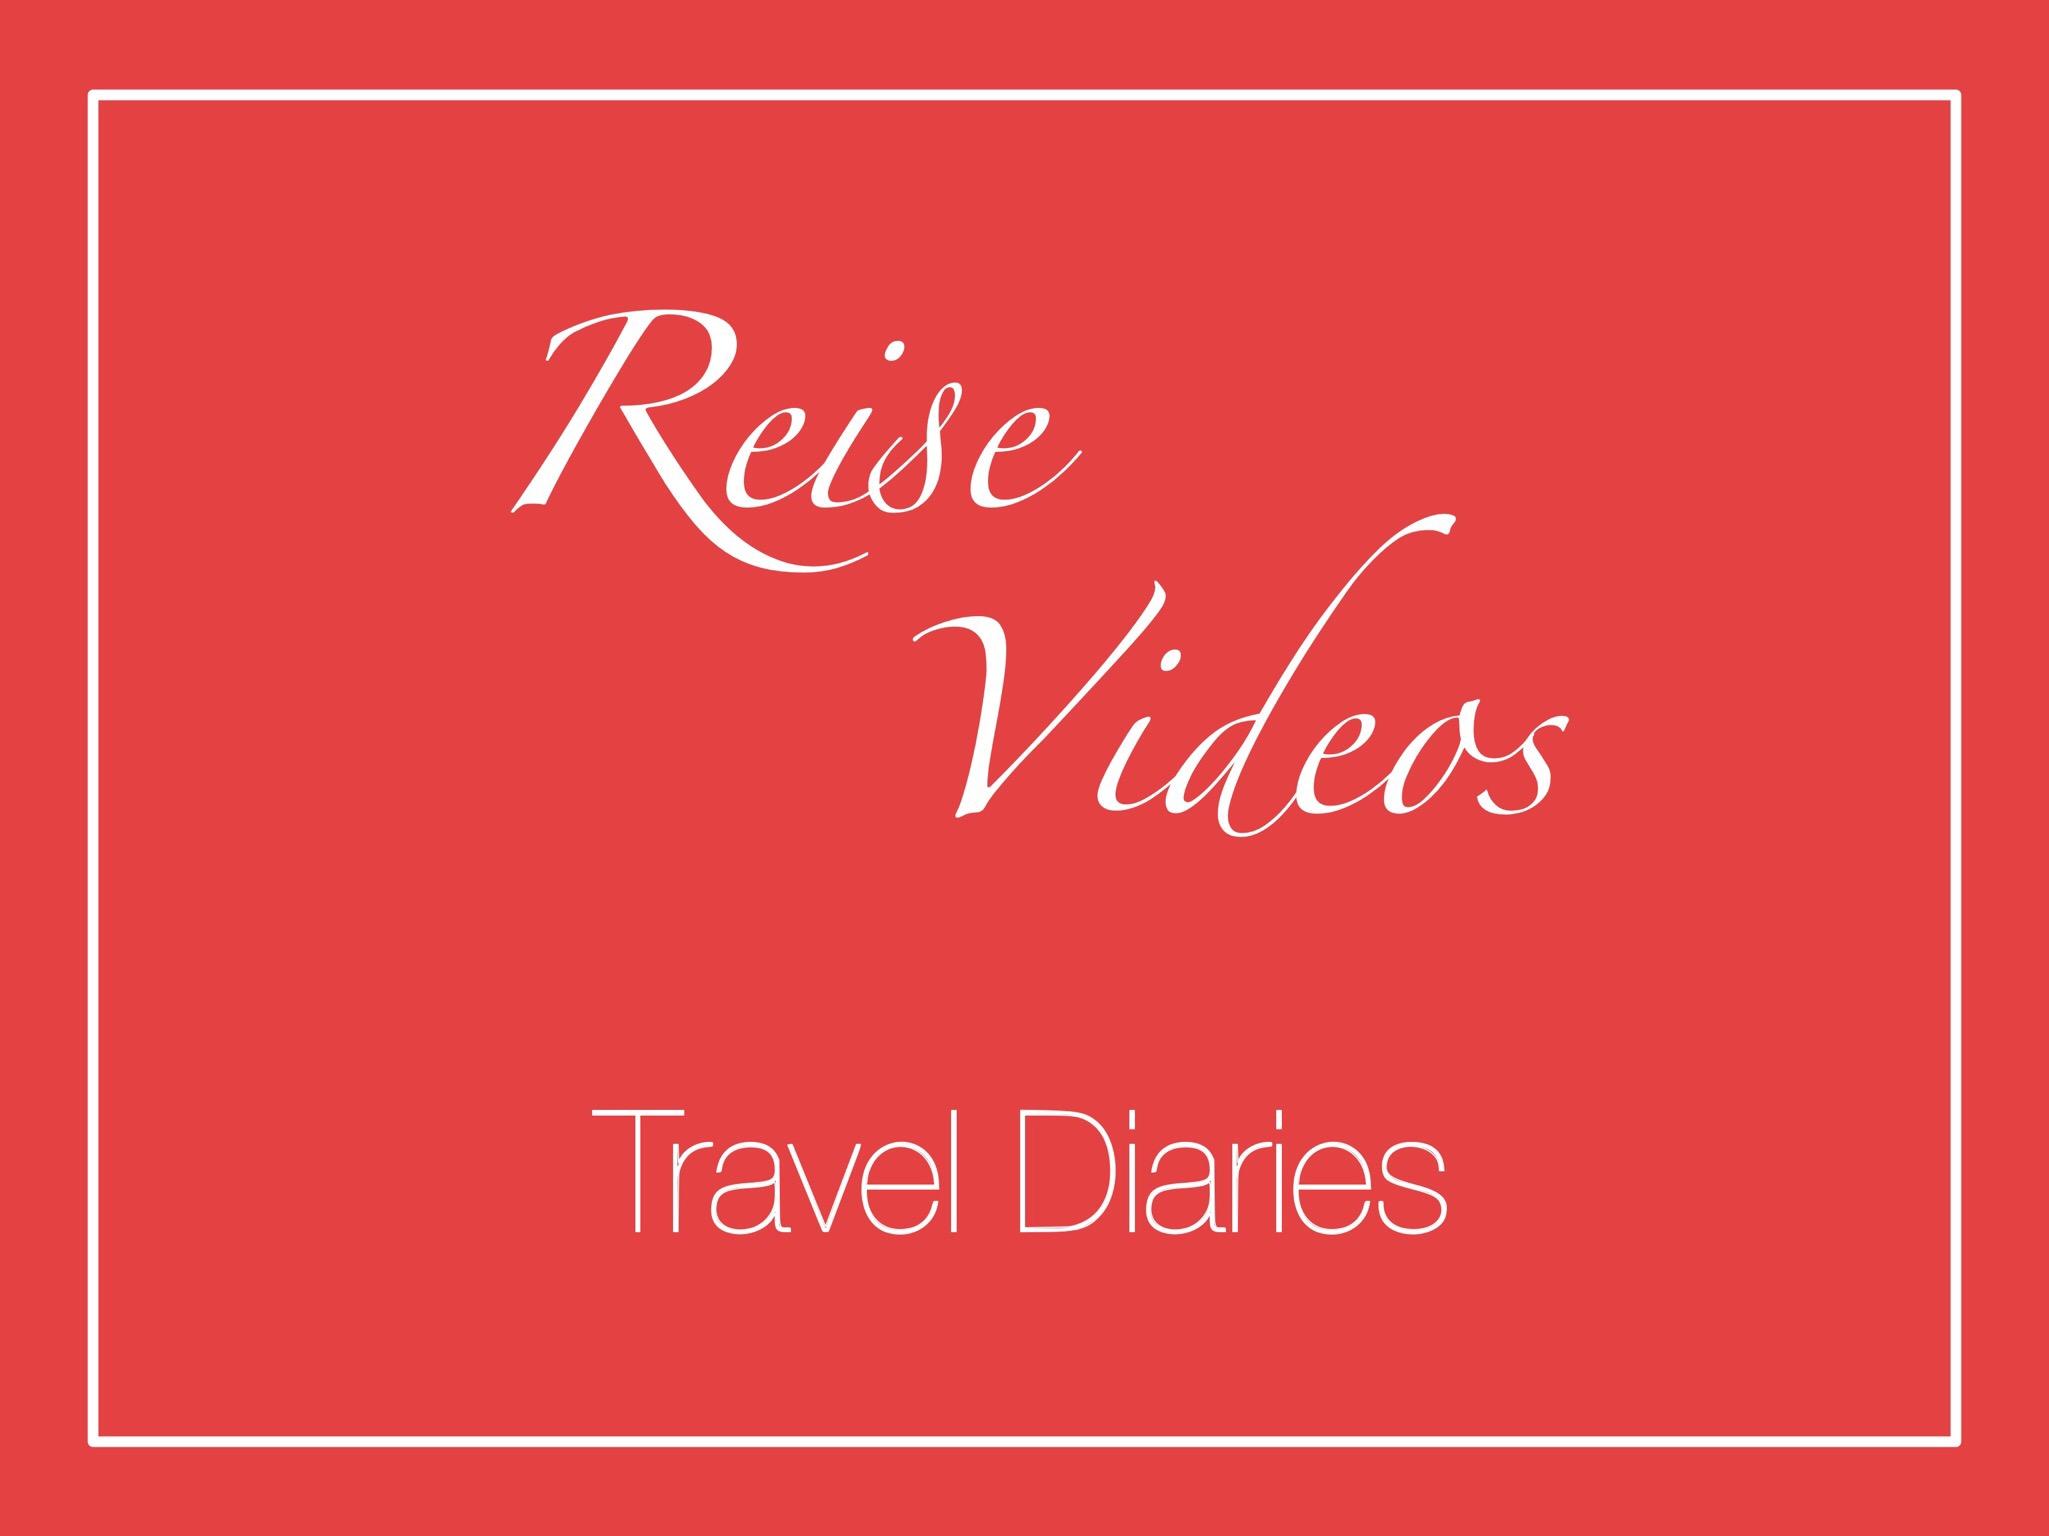 Reise Videos Travel Diaries